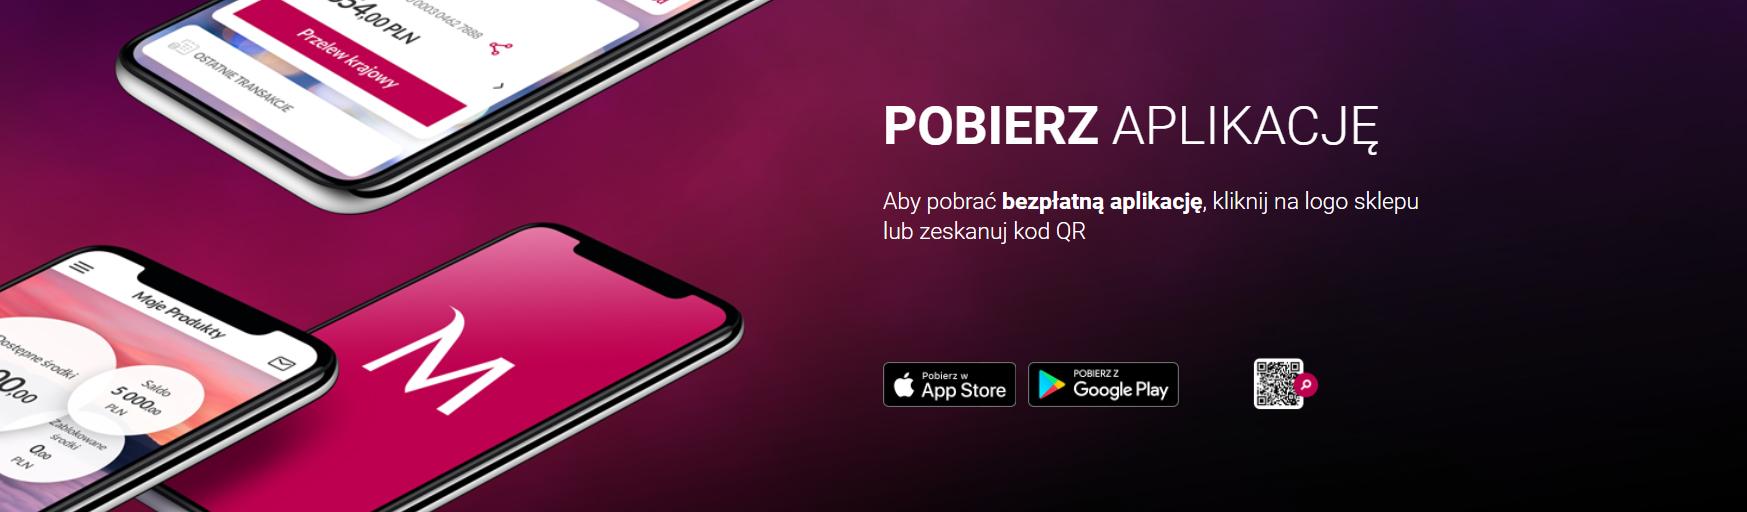 Pobierz aplikację mobilną Banku Millennium